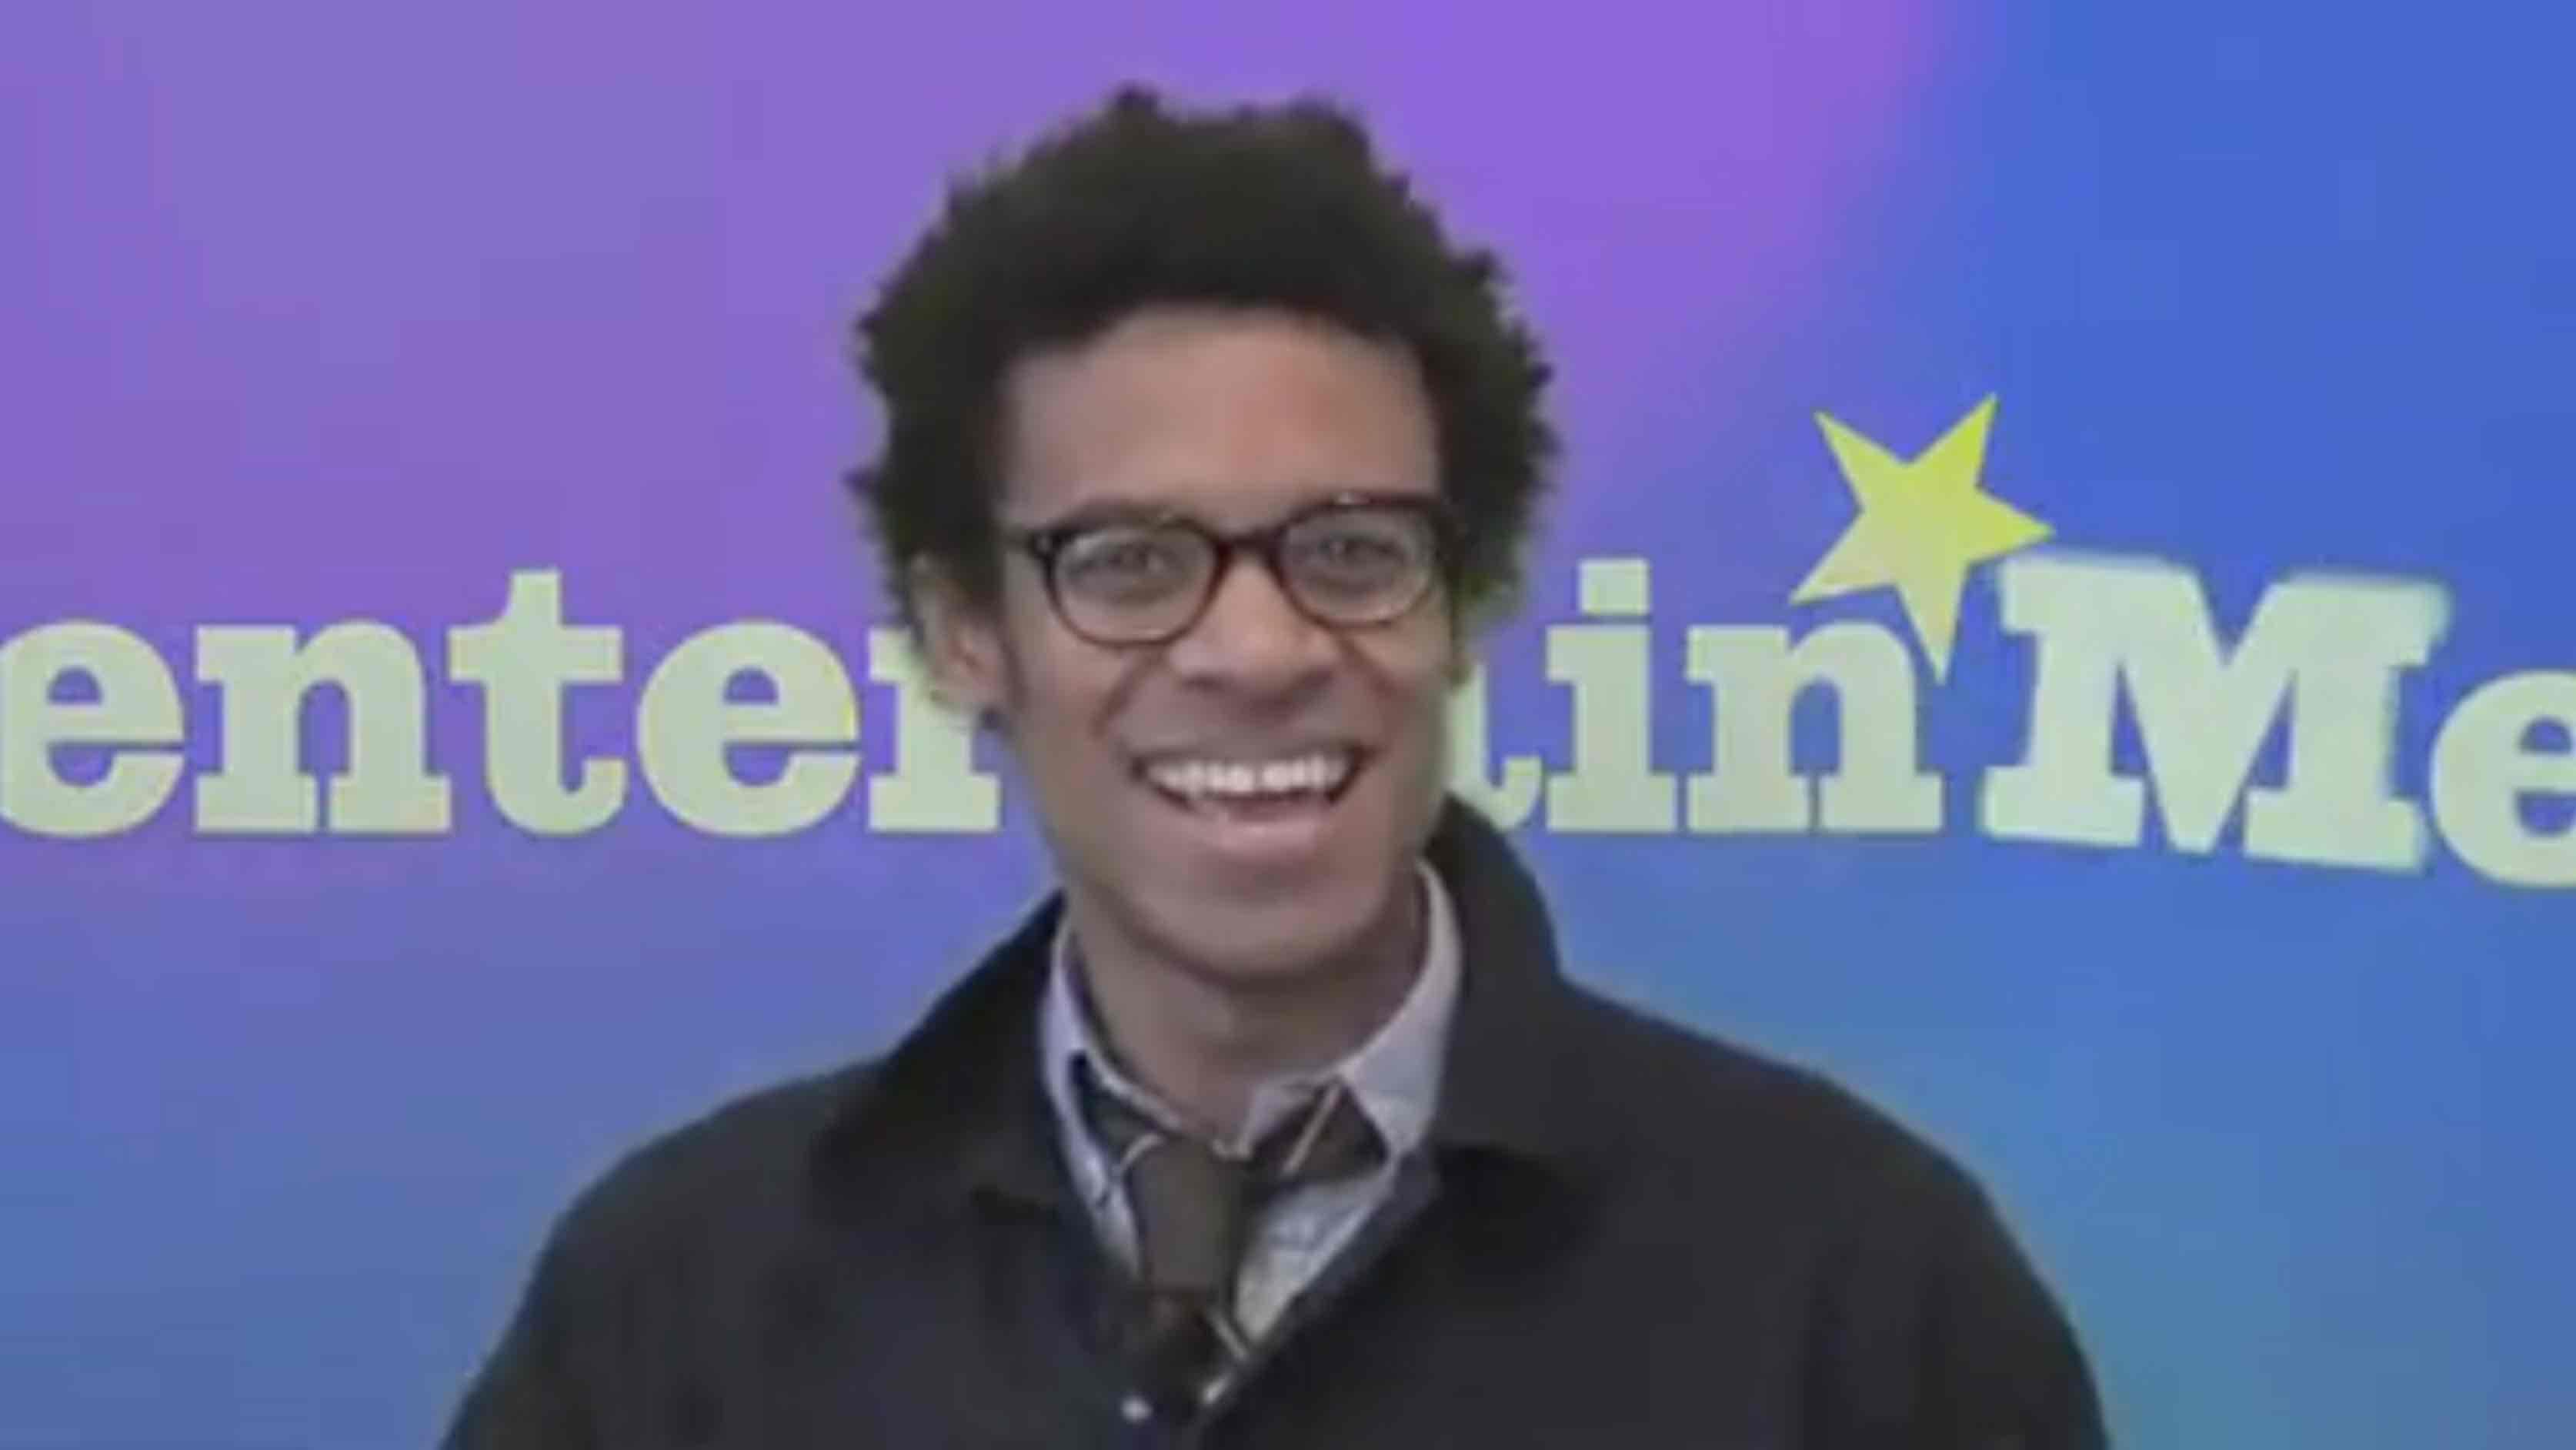 AOL: Entertain Me #2, starring Jordan Carlos